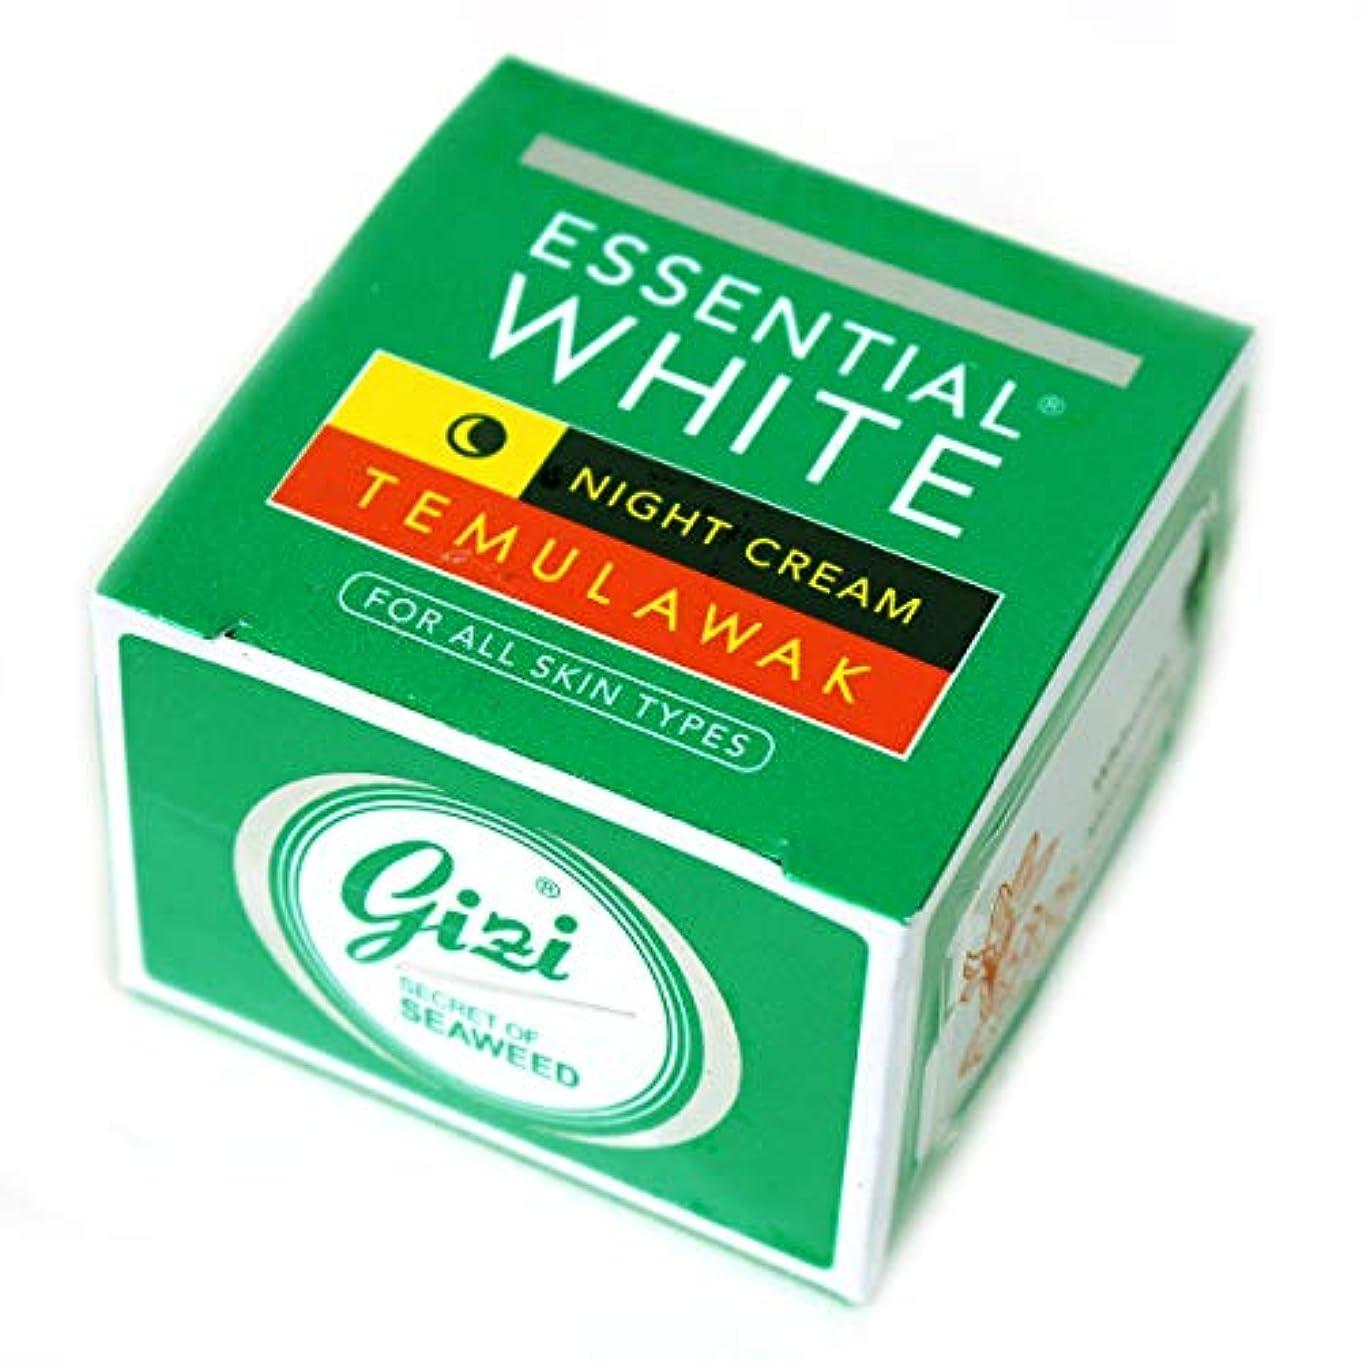 毎日で出来ている中国ギジ gizi Essential White ナイト用スキンケアクリーム ボトルタイプ 9g テムラワク ウコン など天然成分配合 [海外直送品]